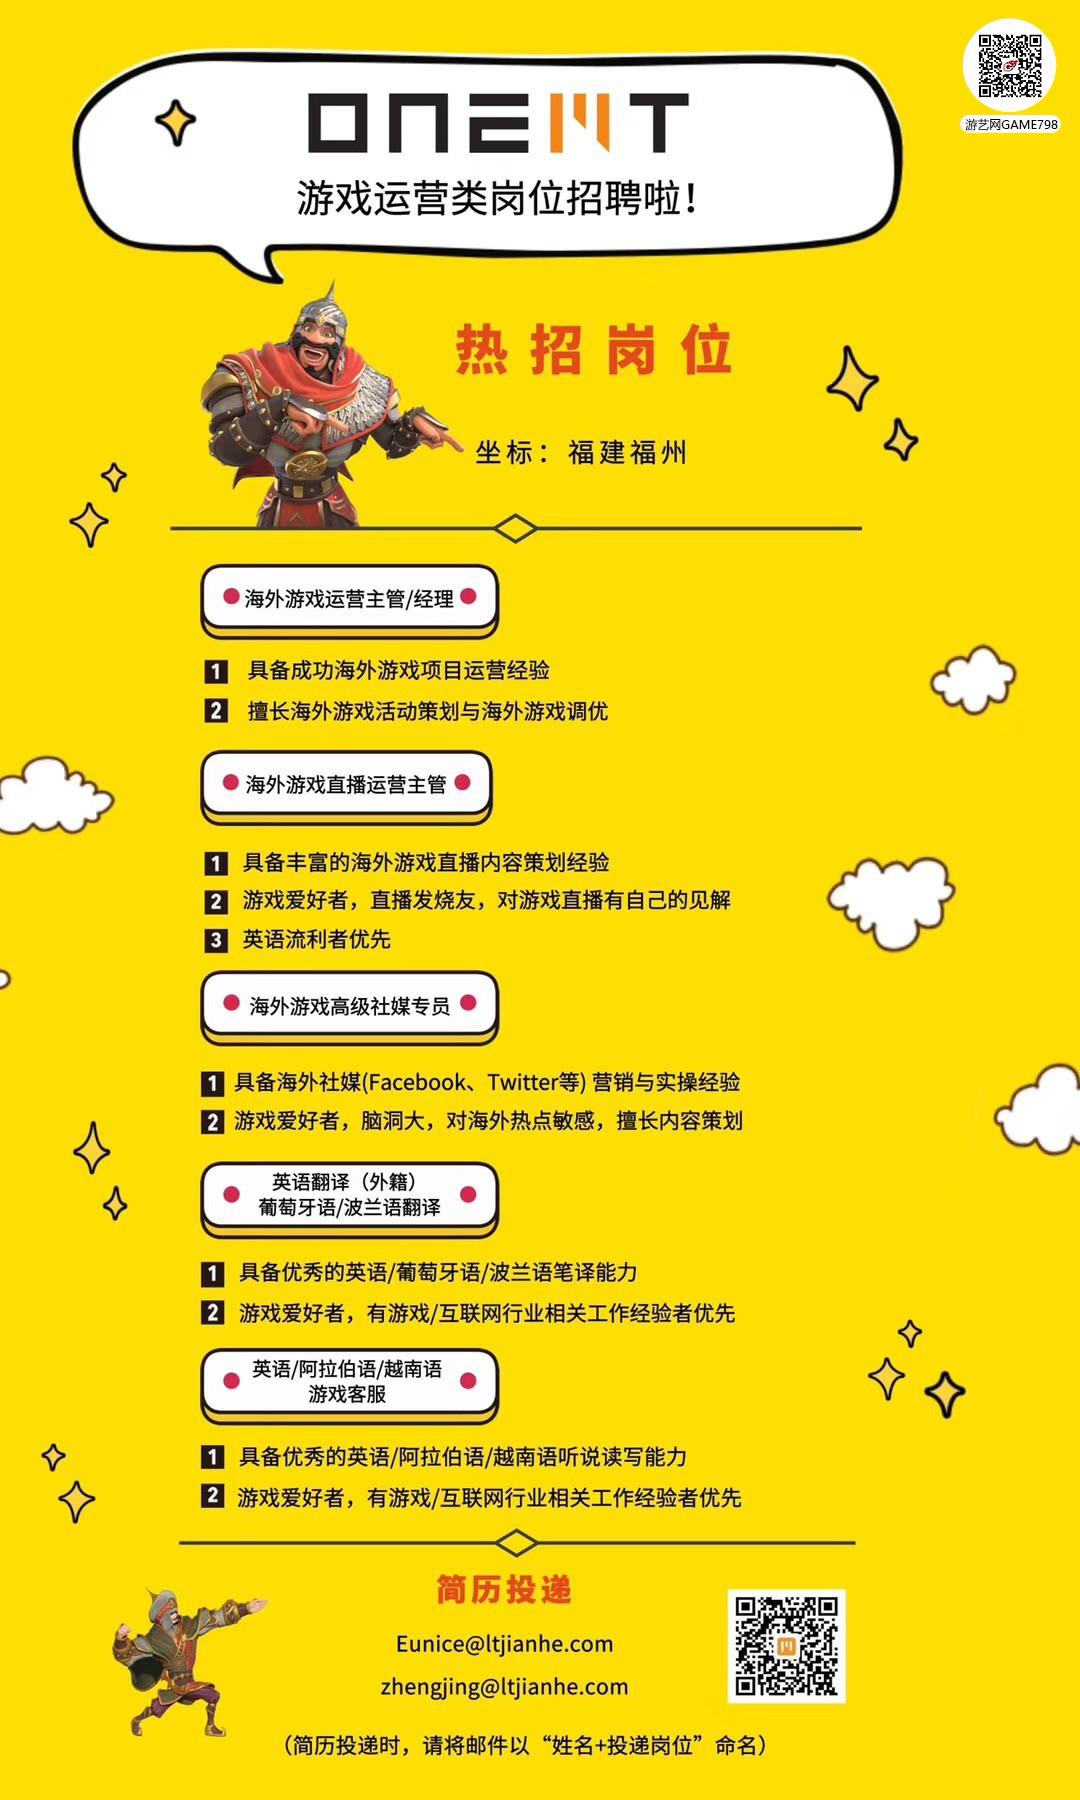 运营部9月招聘海报-终版.jpg